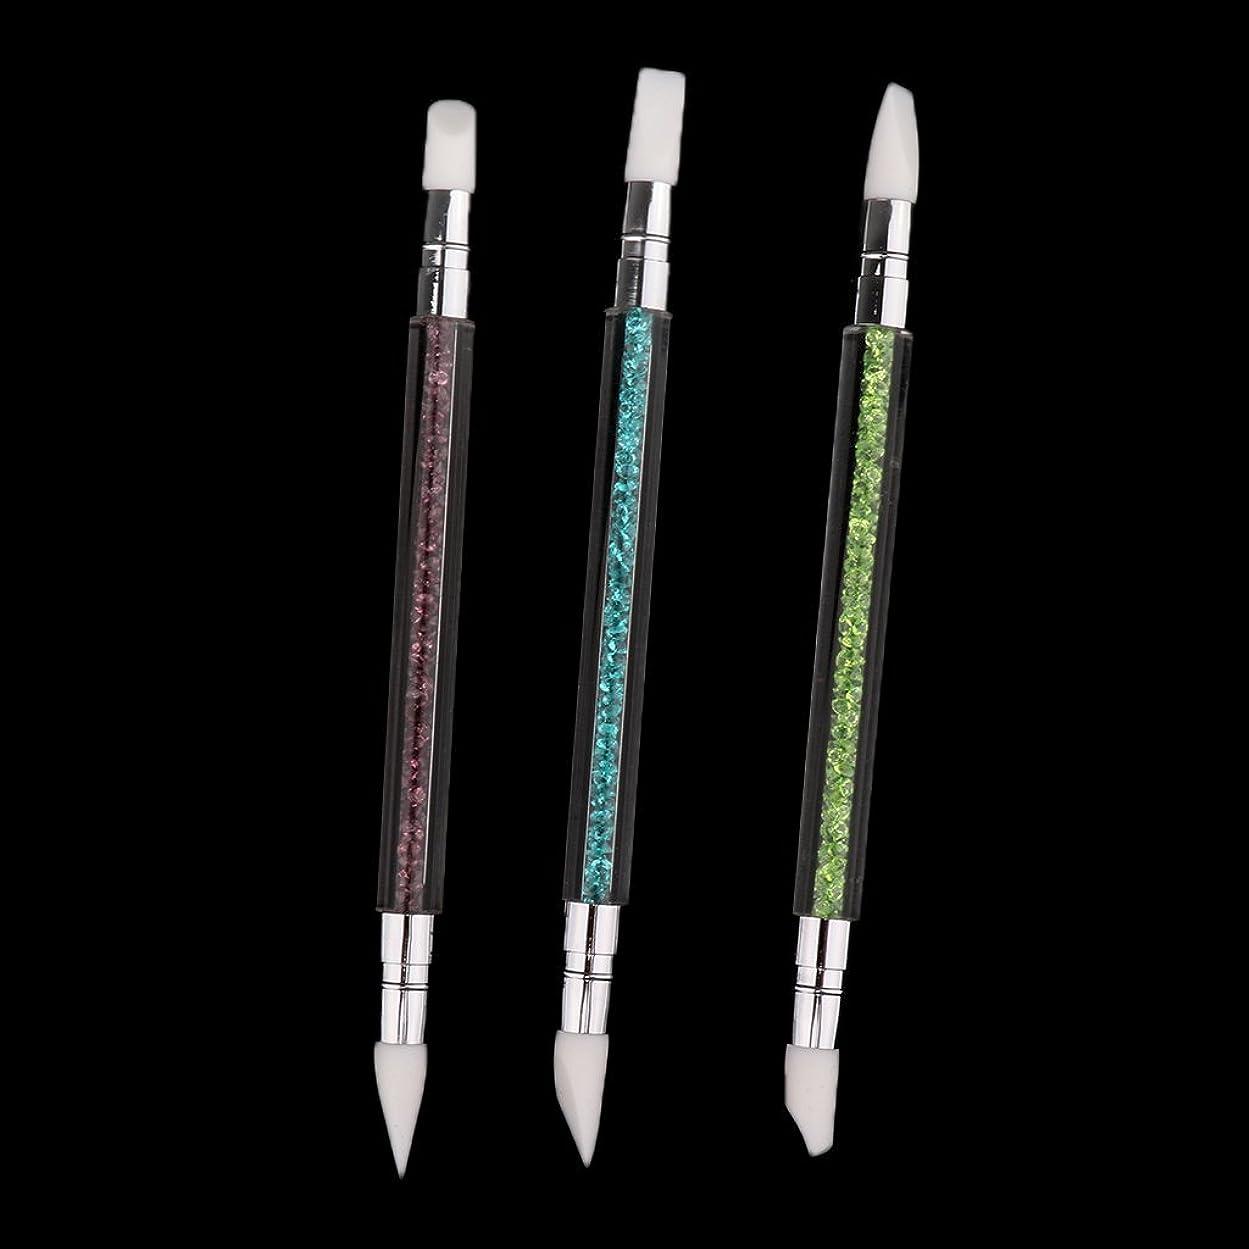 感情の山線形Perfeclan ネイルアートブラシセット ネイル筆 ジェルネイルブラシ シリコン製 2way 3本セット - 3本セット